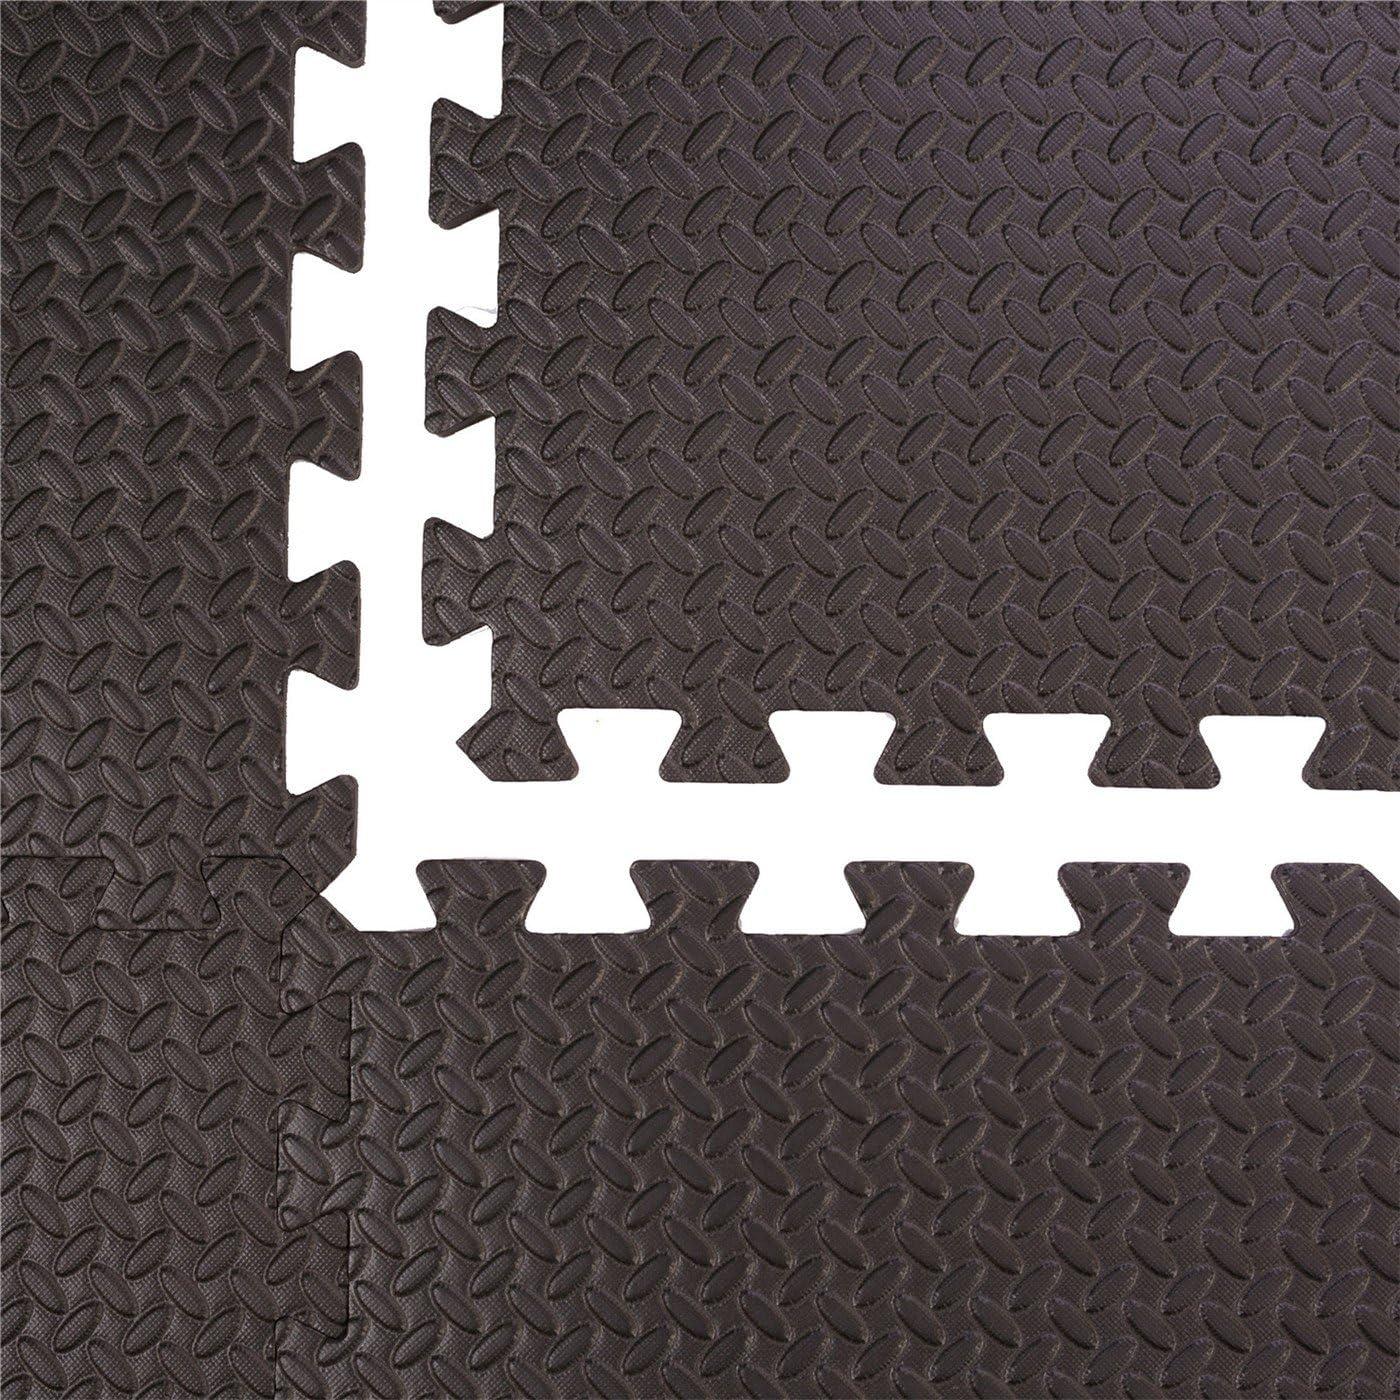 Couleur Noir P/étale 60x60x1 cm BodenMax Tapis de Protection en Mousse EVA Yoga Dalles en Mousse avec Bordures Tapis de Sport Gym 12 pi/èces Musculation